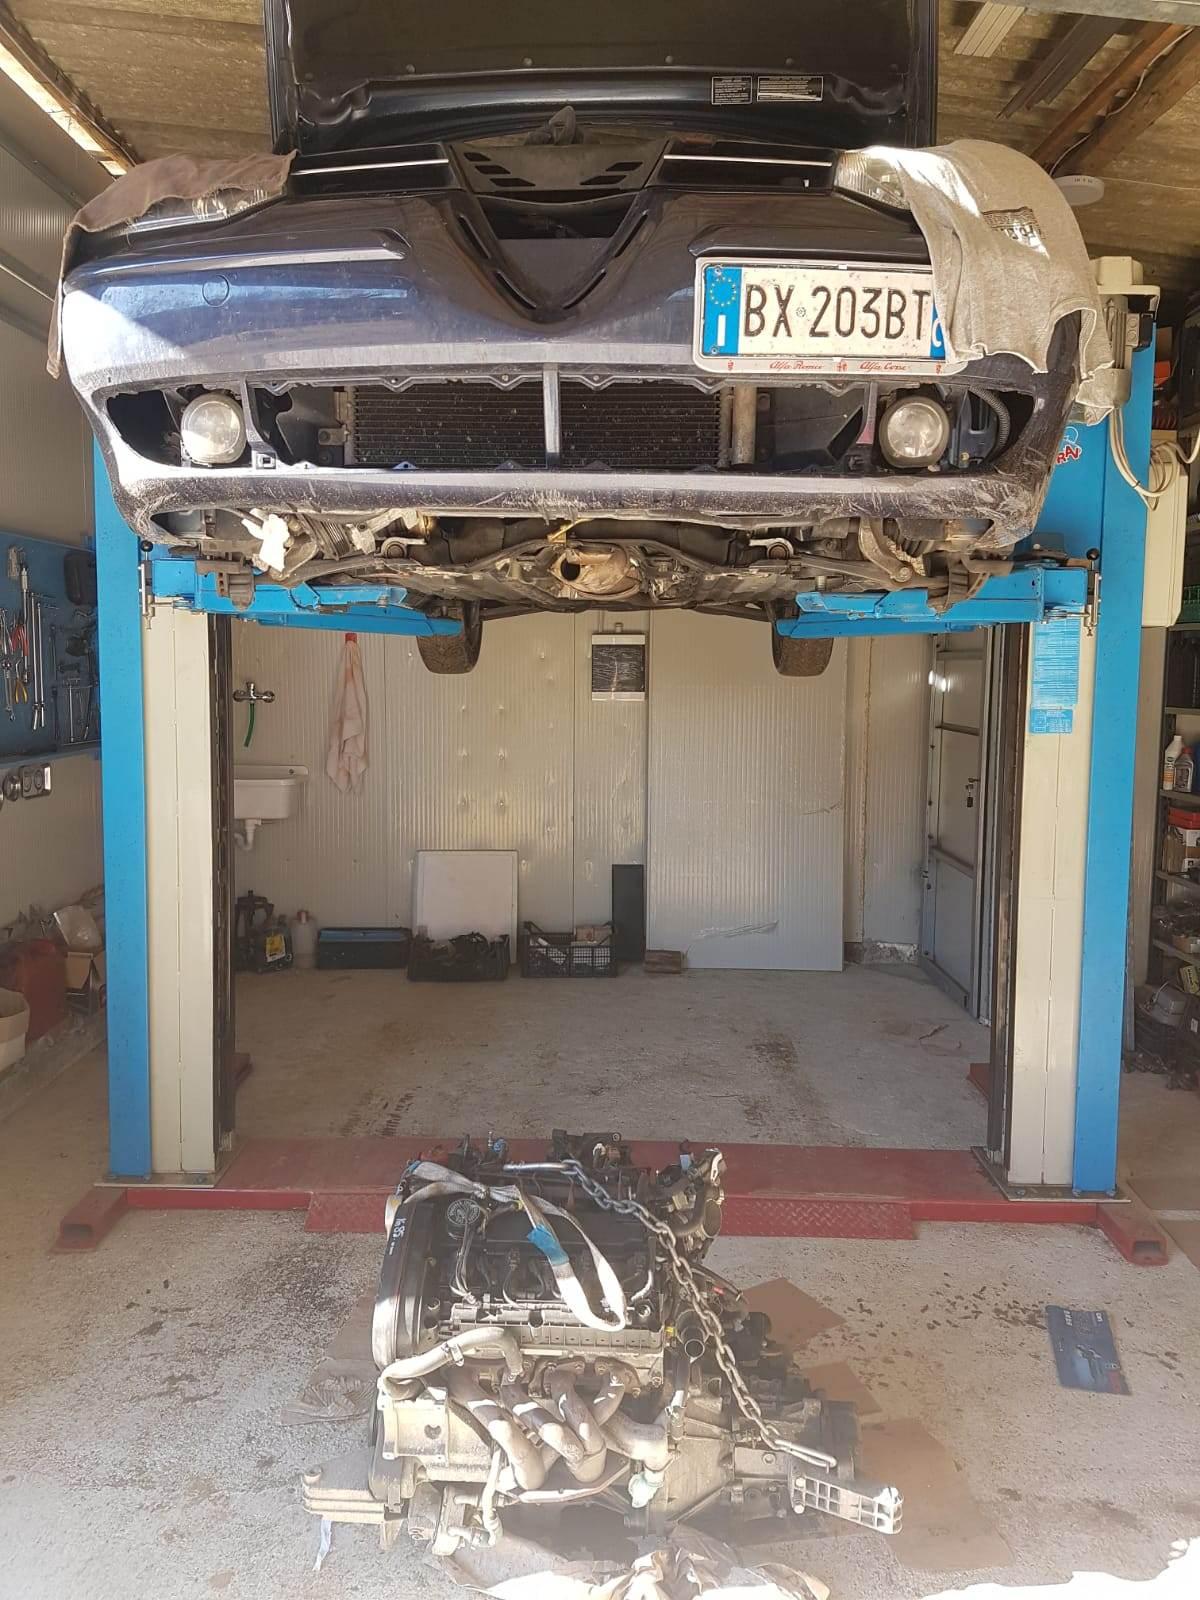 foto Consumo perdita/olio, riparare o sostituire motore? - 1